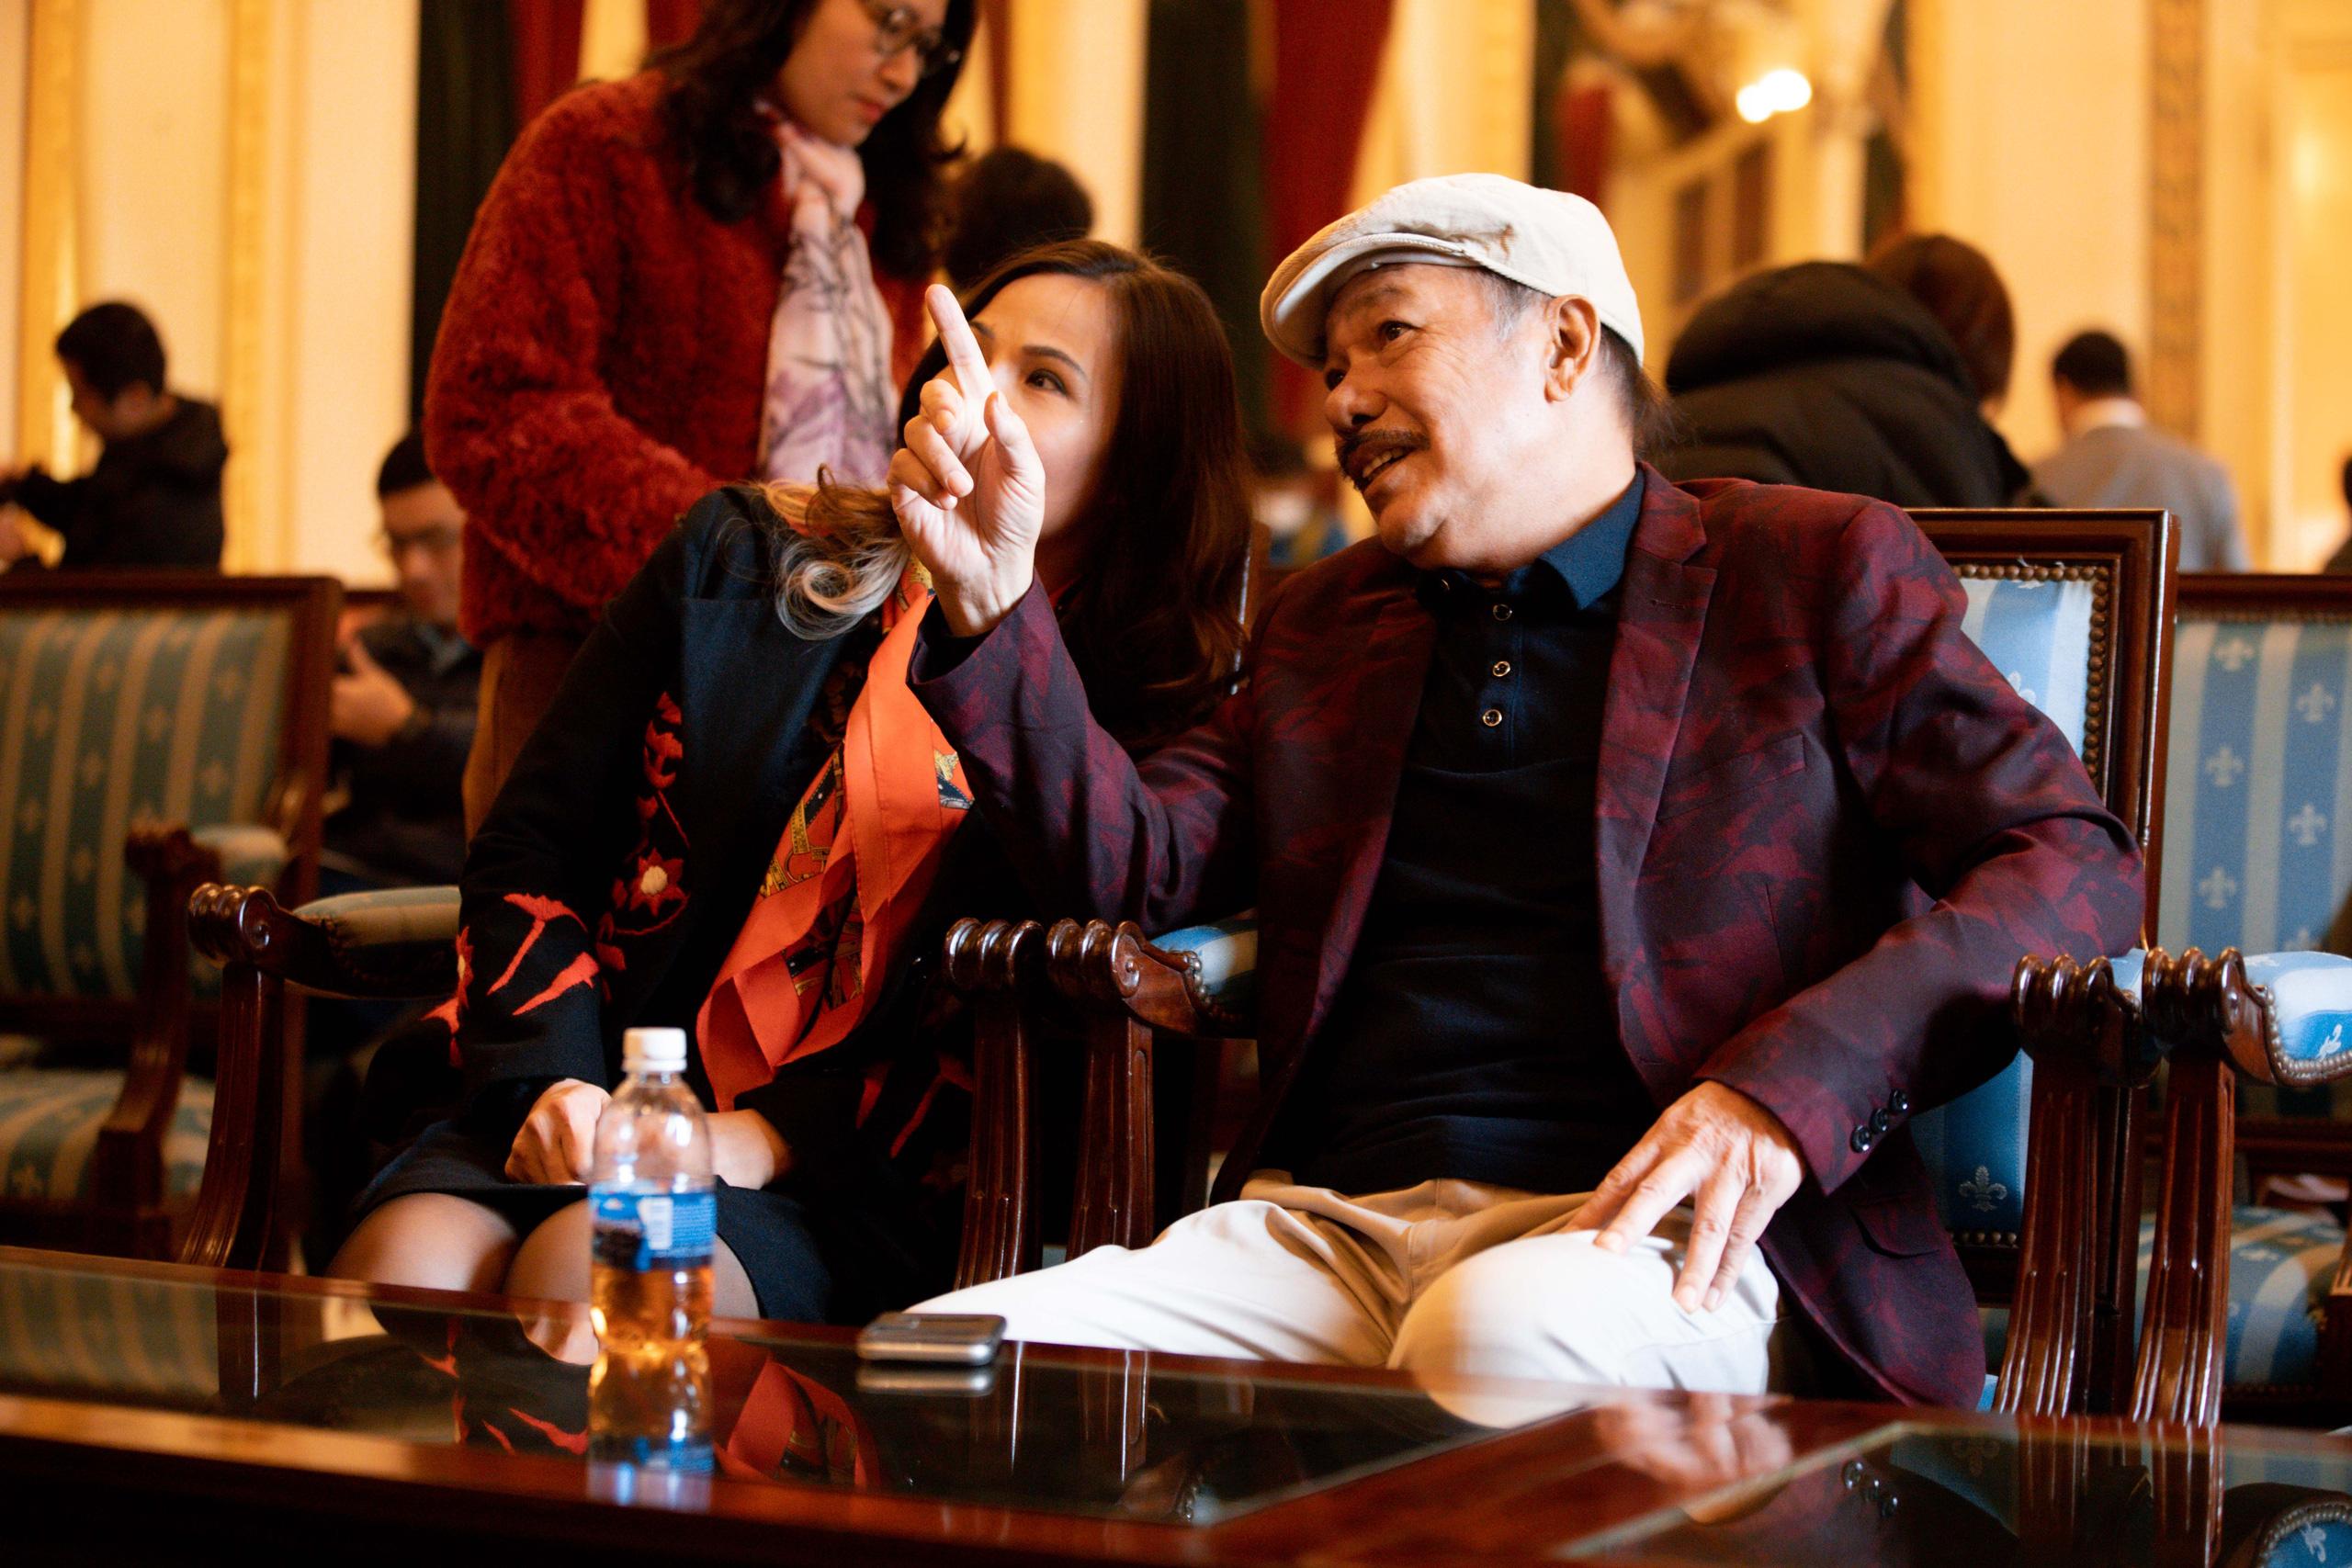 Nhạc sĩ Trần Tiến lần đầu xuất hiện sau tin đồn thất thiệt, nói rõ về tình trạng sức khỏe hiện tại - Ảnh 7.